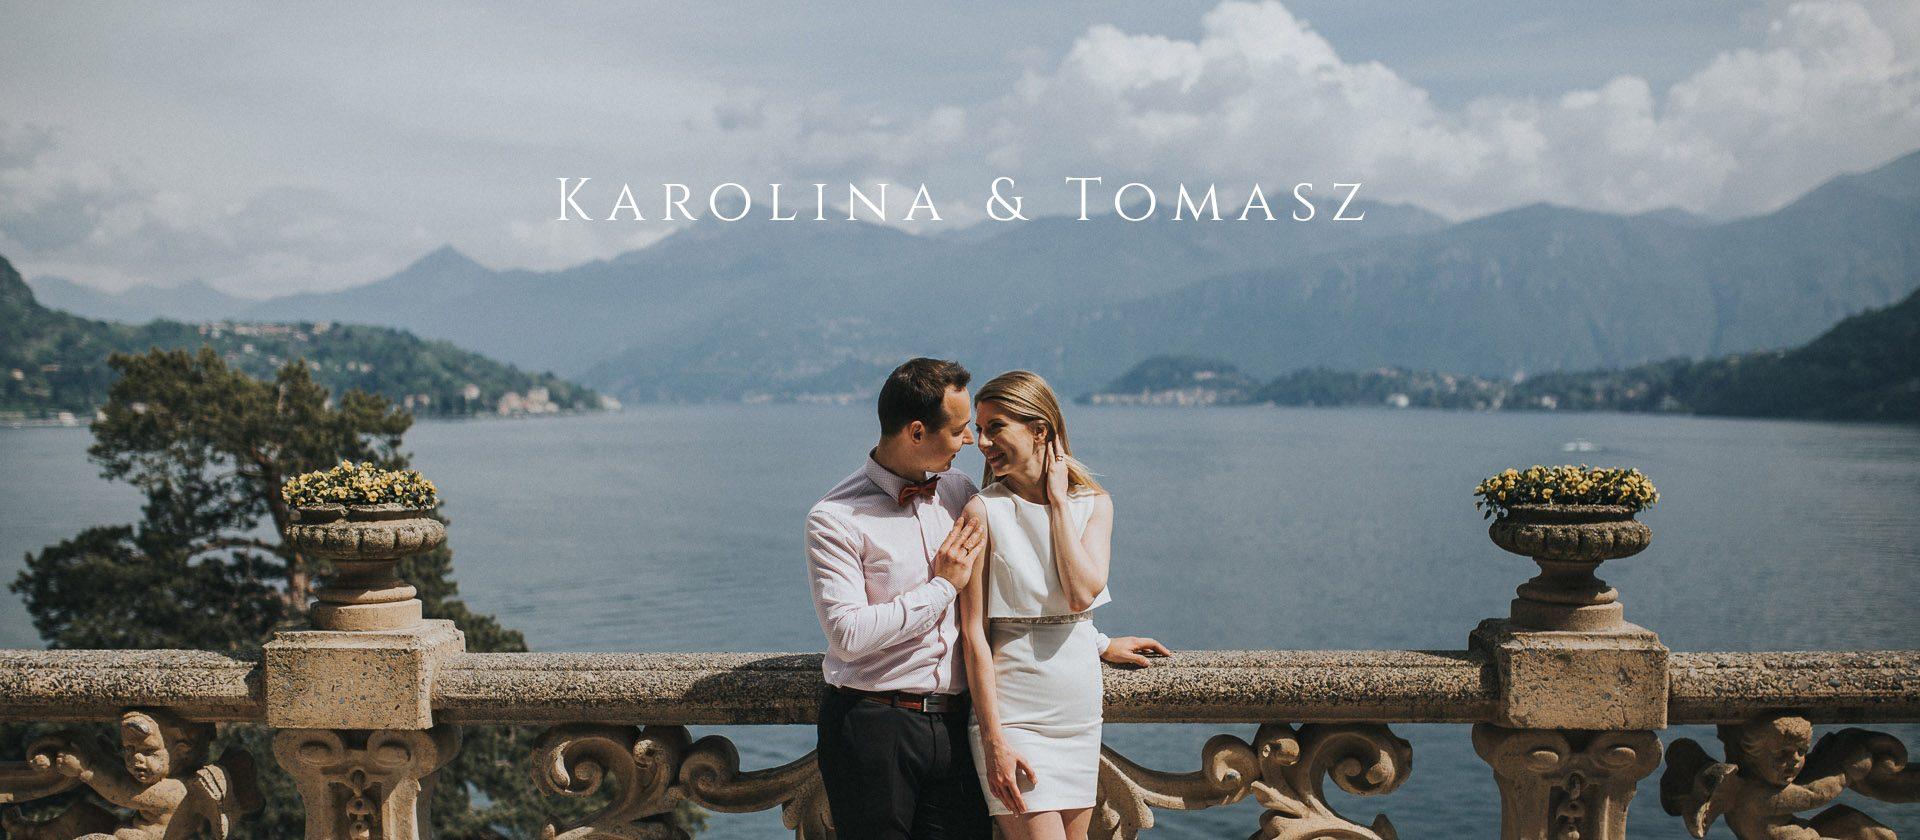 Karolina&Tomasz